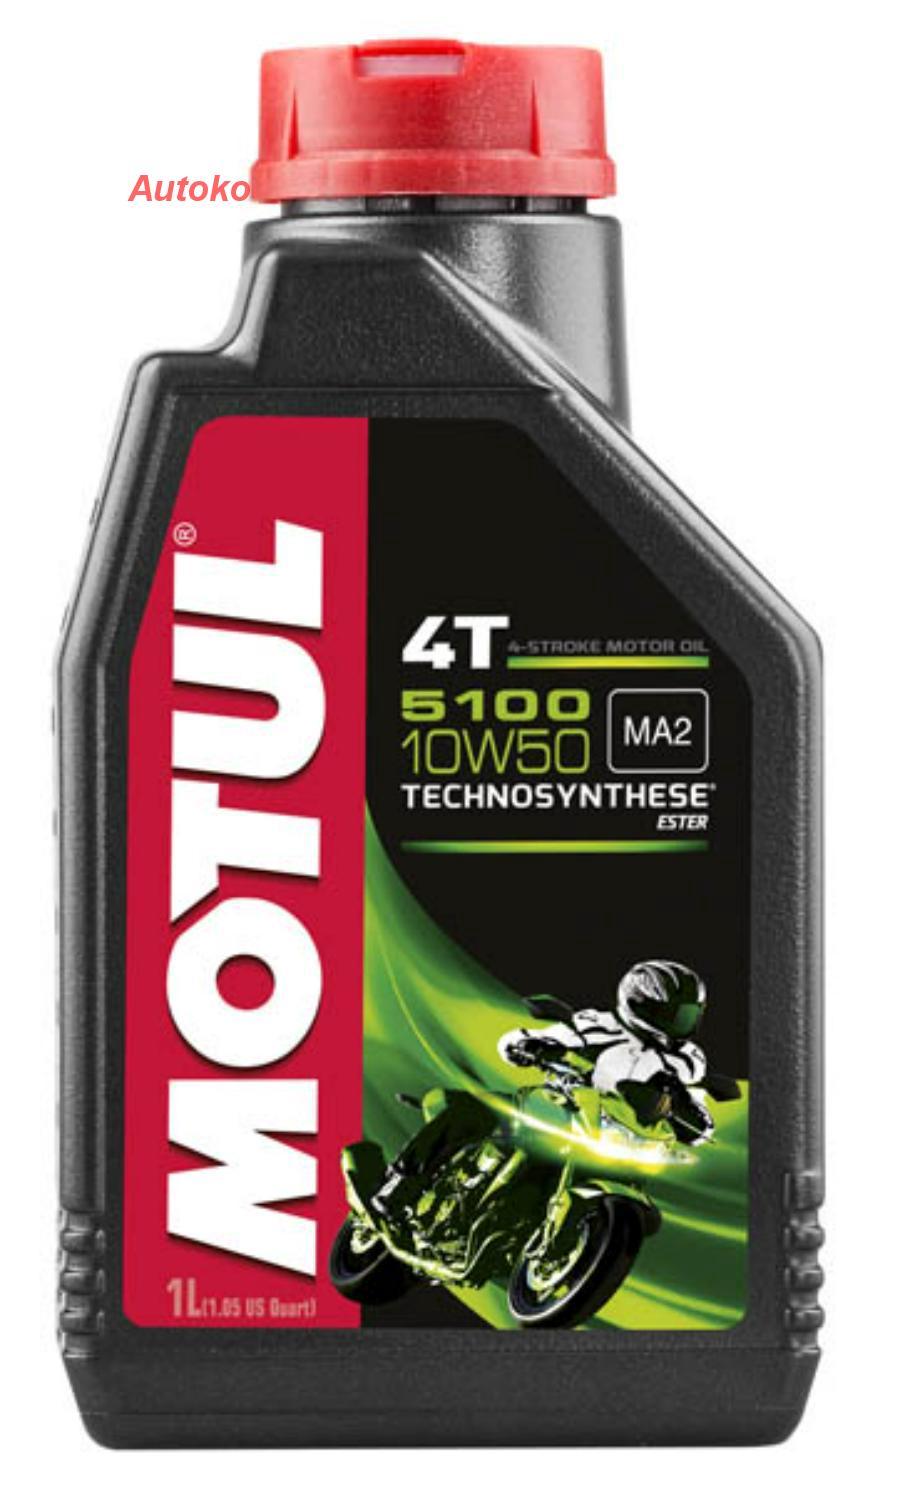 Масло моторное полусинтетическое 5100 ESTER 10W-50, 1л